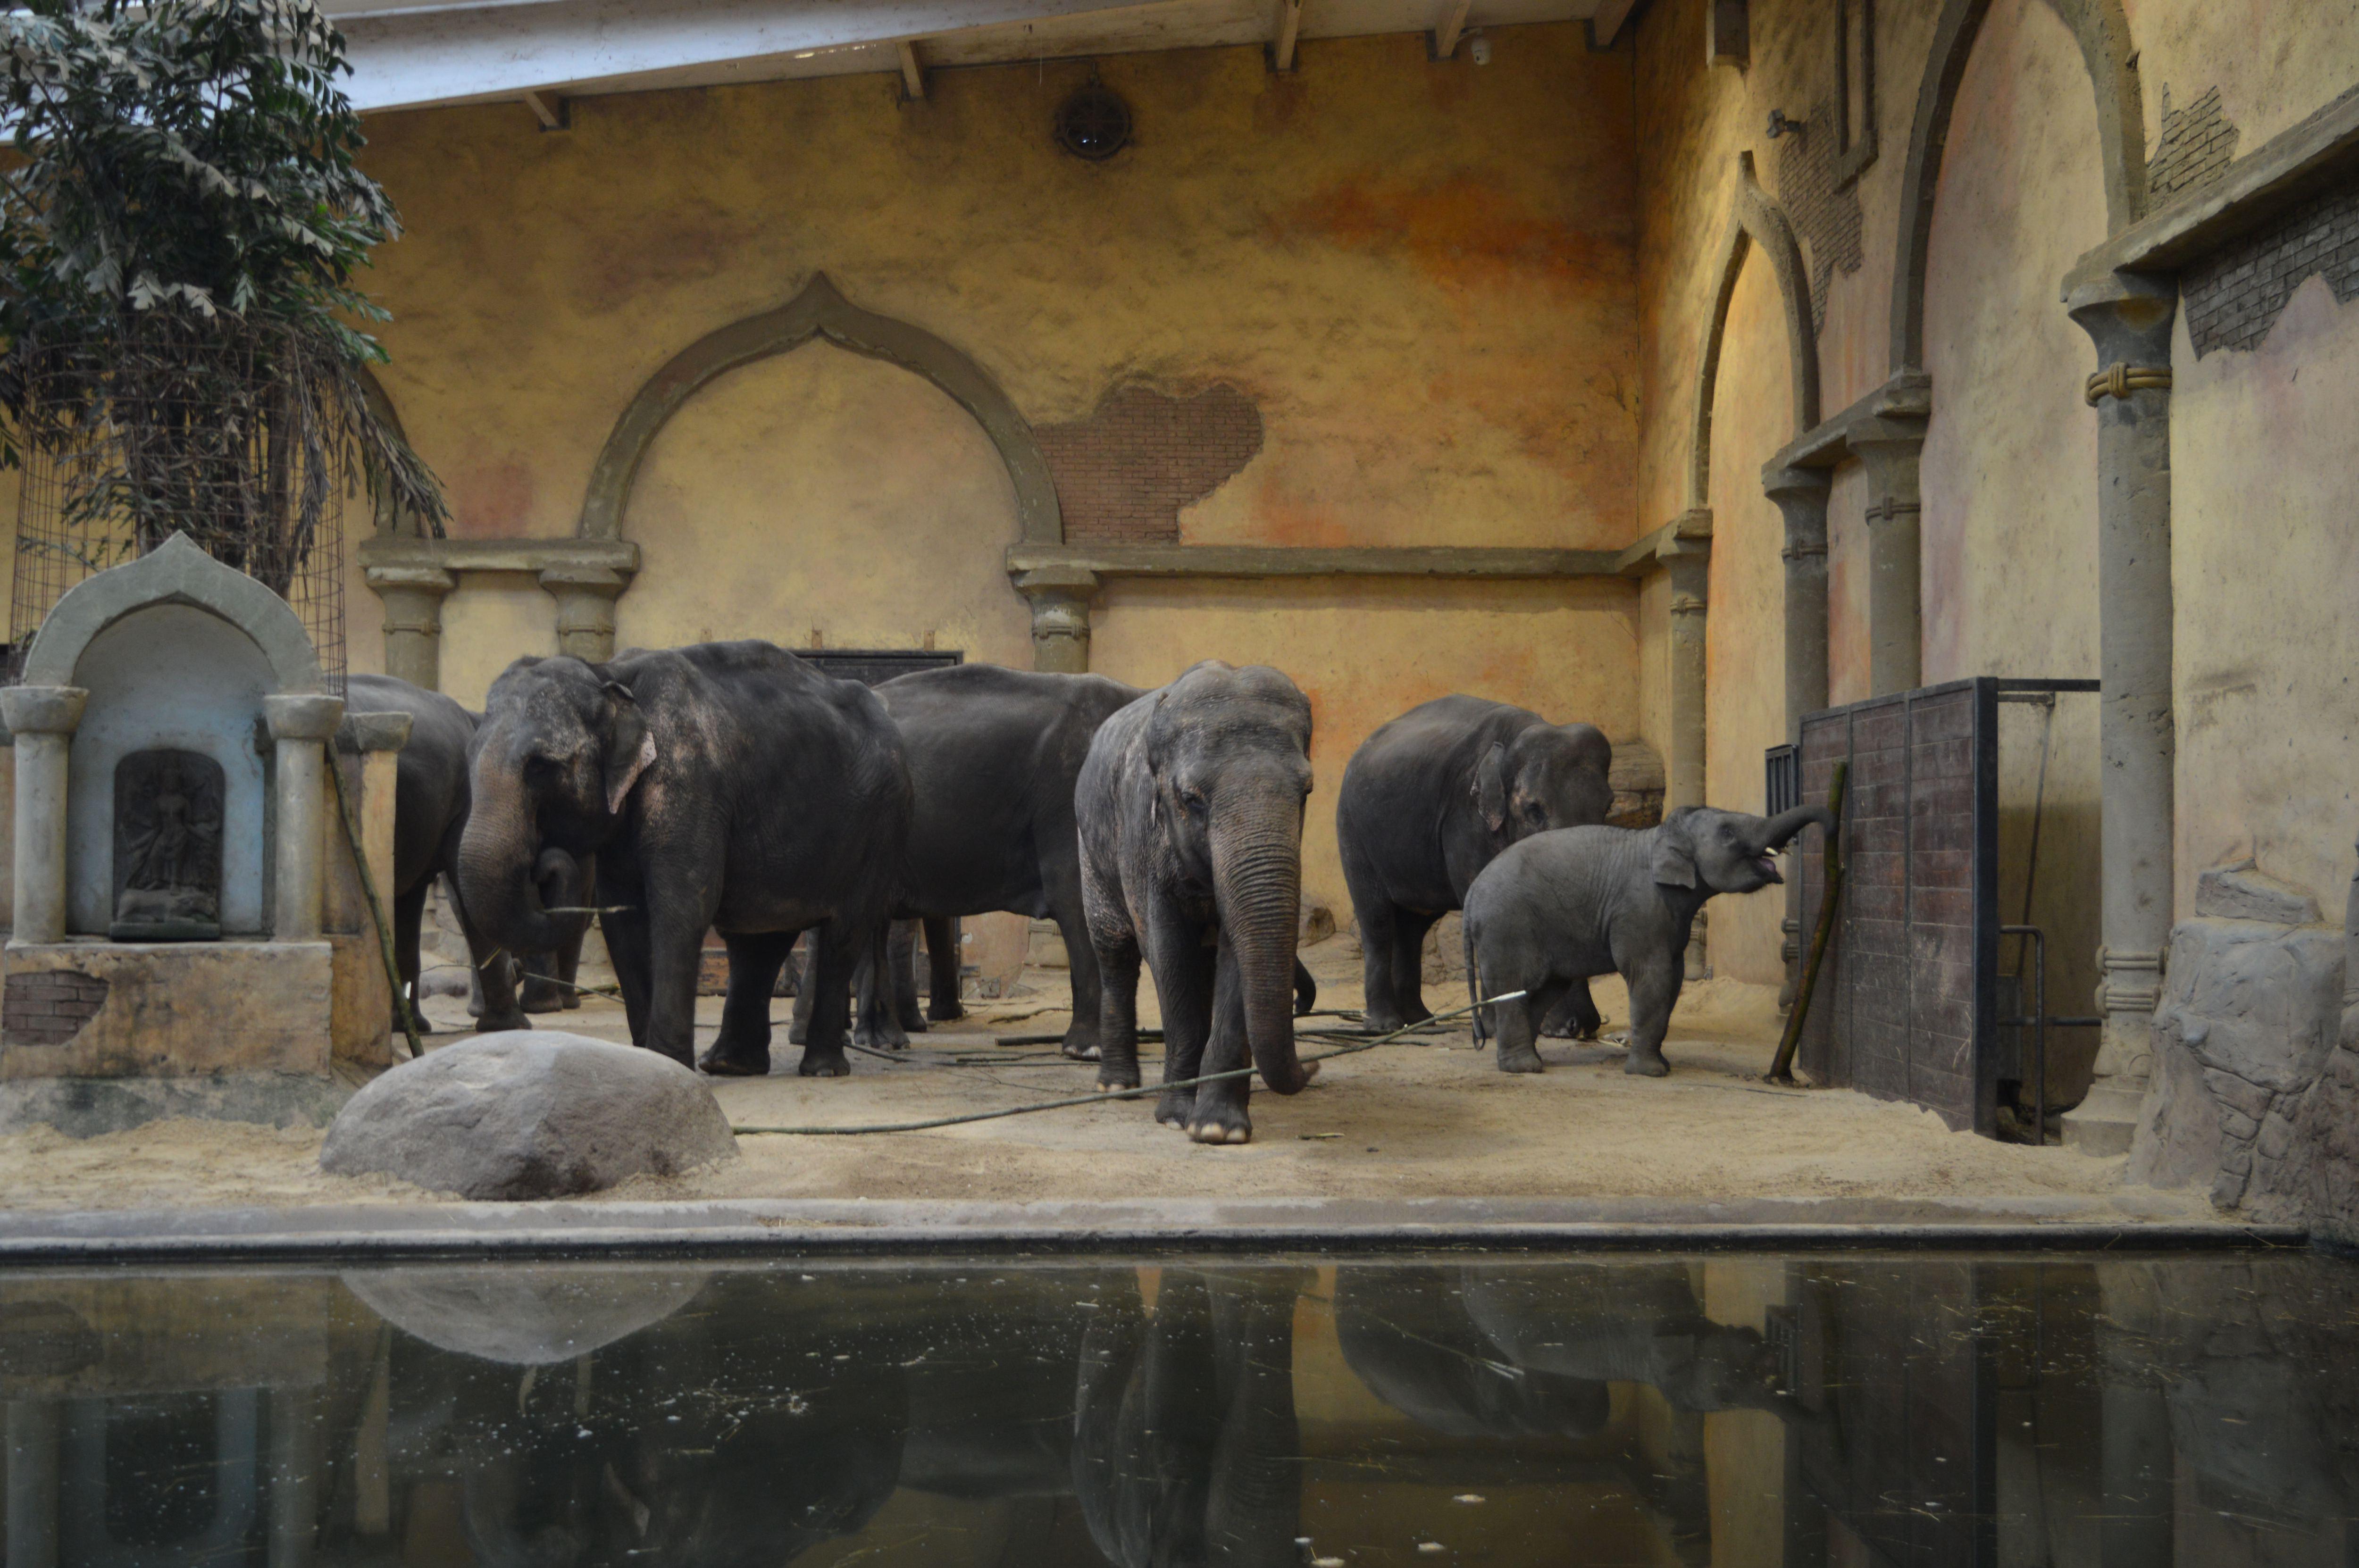 Die Elefanteherde feierte Kandys 15. Geburtstag. Foto: Margarita Ilieva